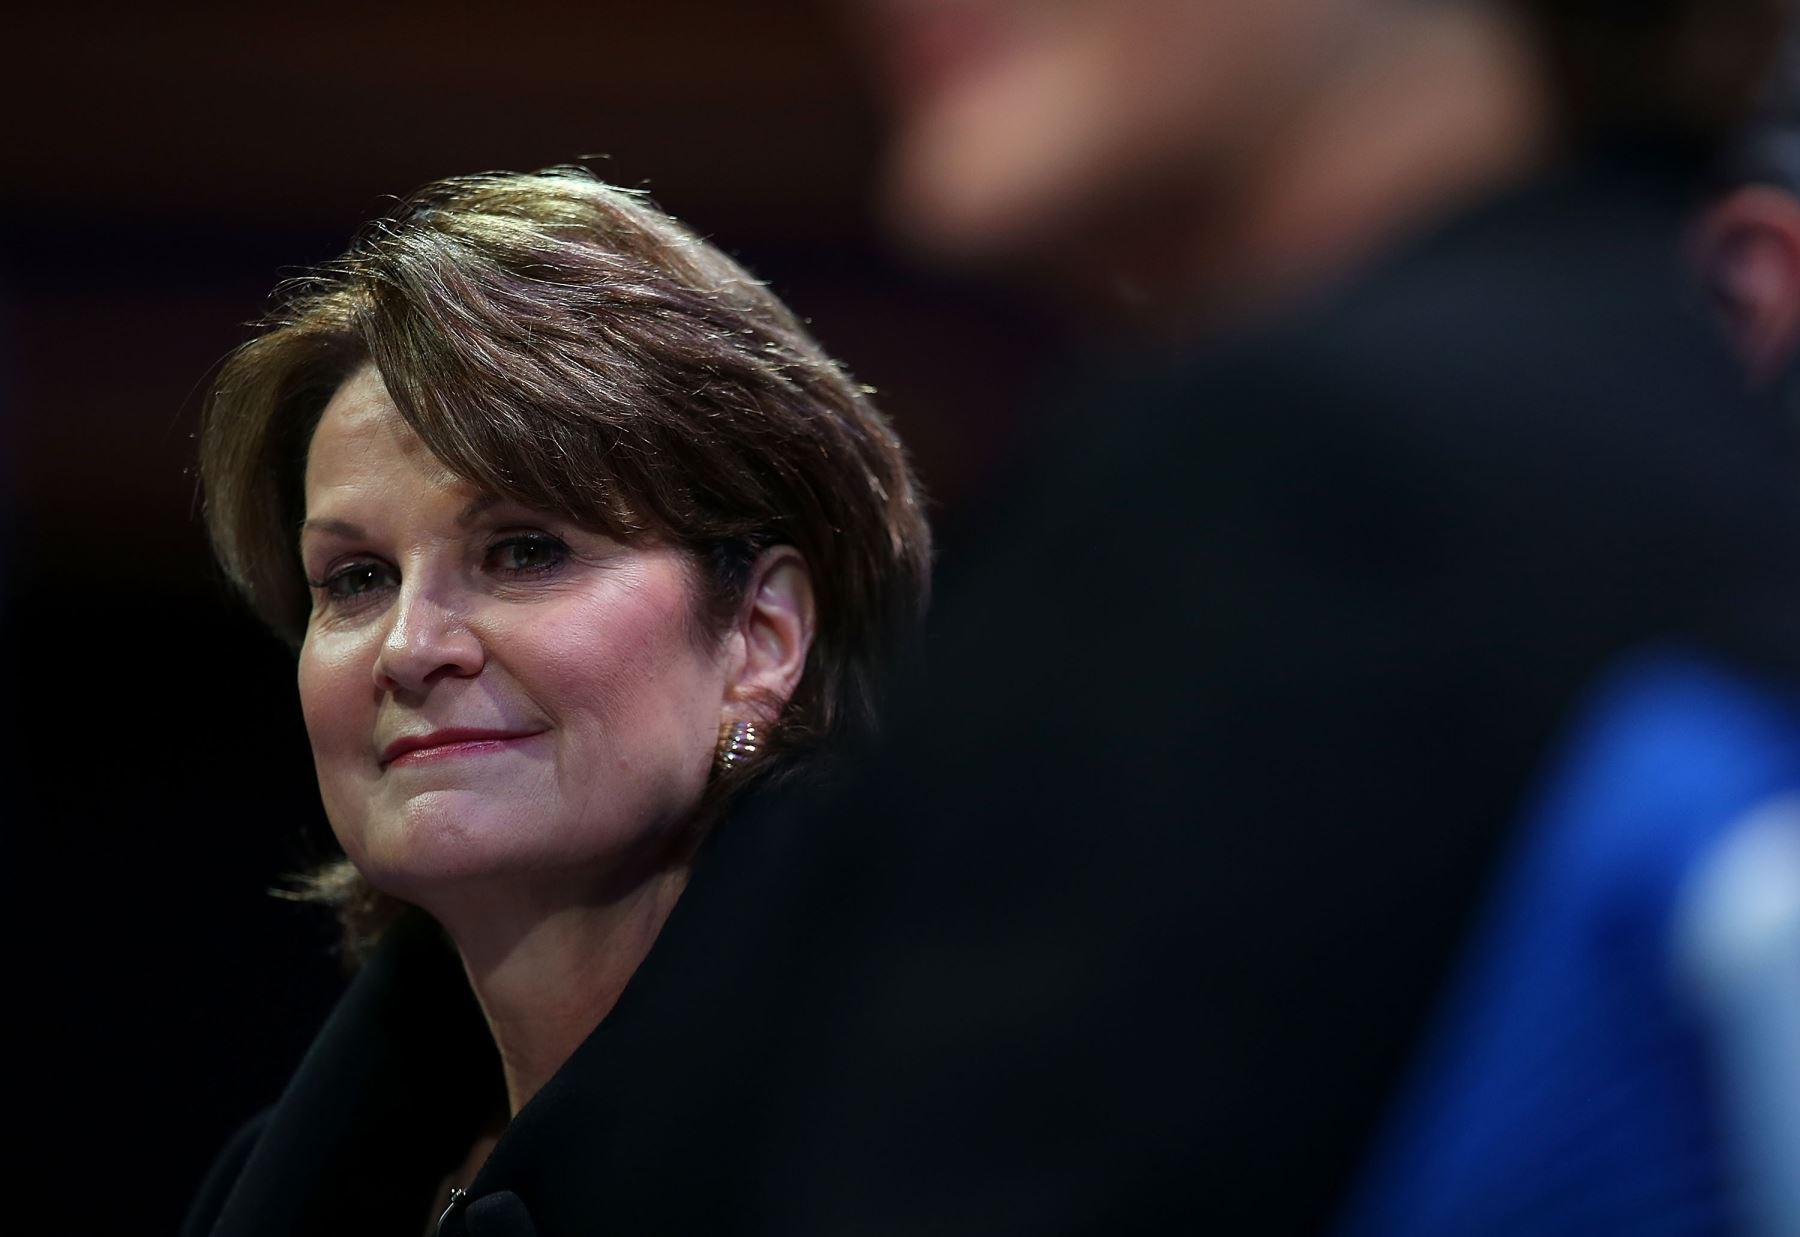 Marillyn Adams Hewson es el presidente, presidente y director ejecutivo de Lockheed Martin. AFP